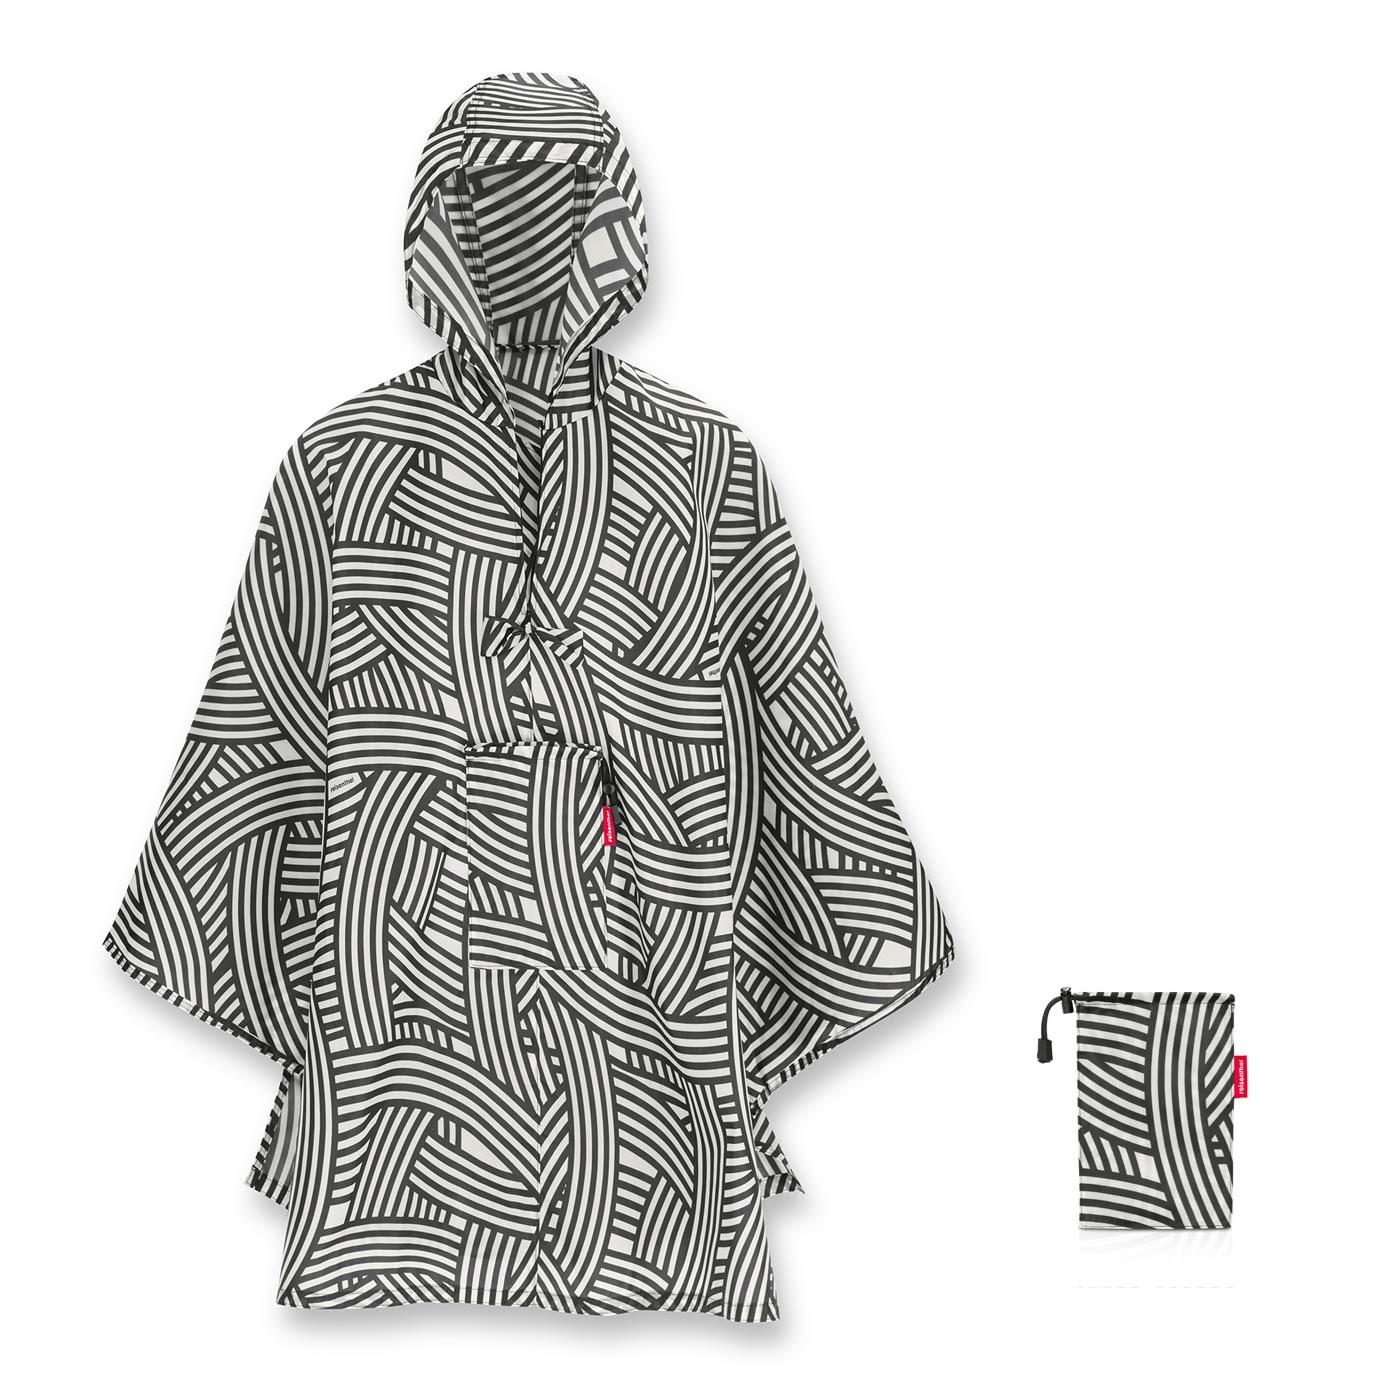 Skládací pláštěnka Mini Maxi Poncho zebra_3